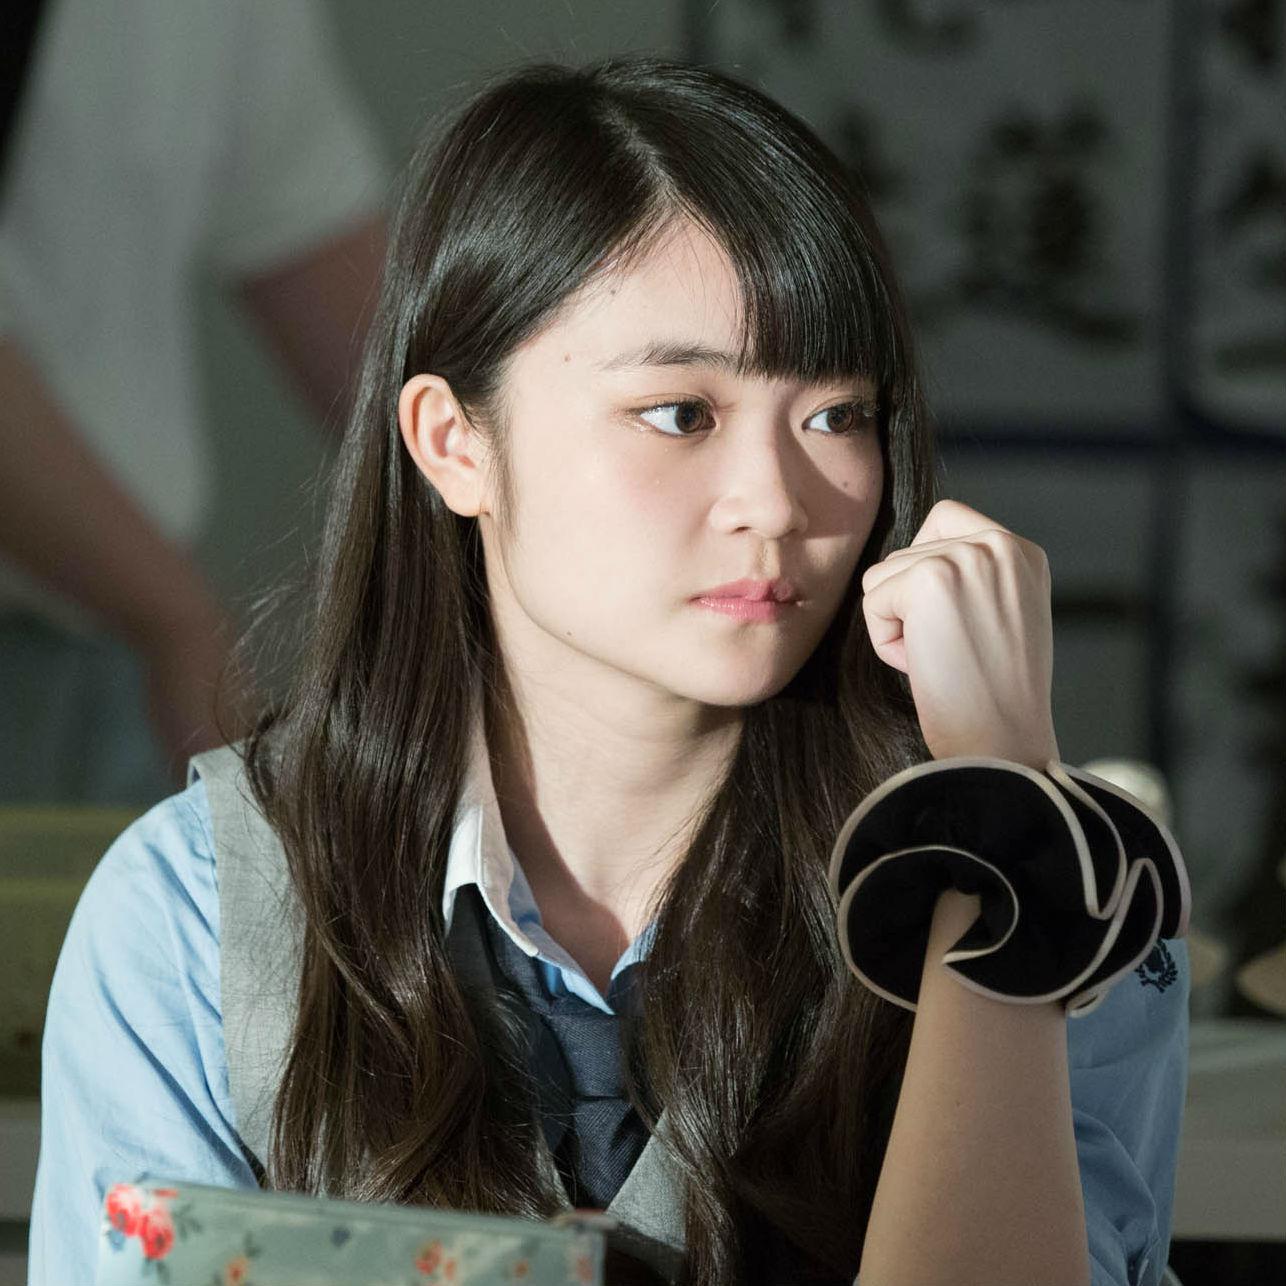 欅坂46・石森虹花さん<br />「なんで遺体を隠しちゃうんだろうってずっと思ってました」<br />